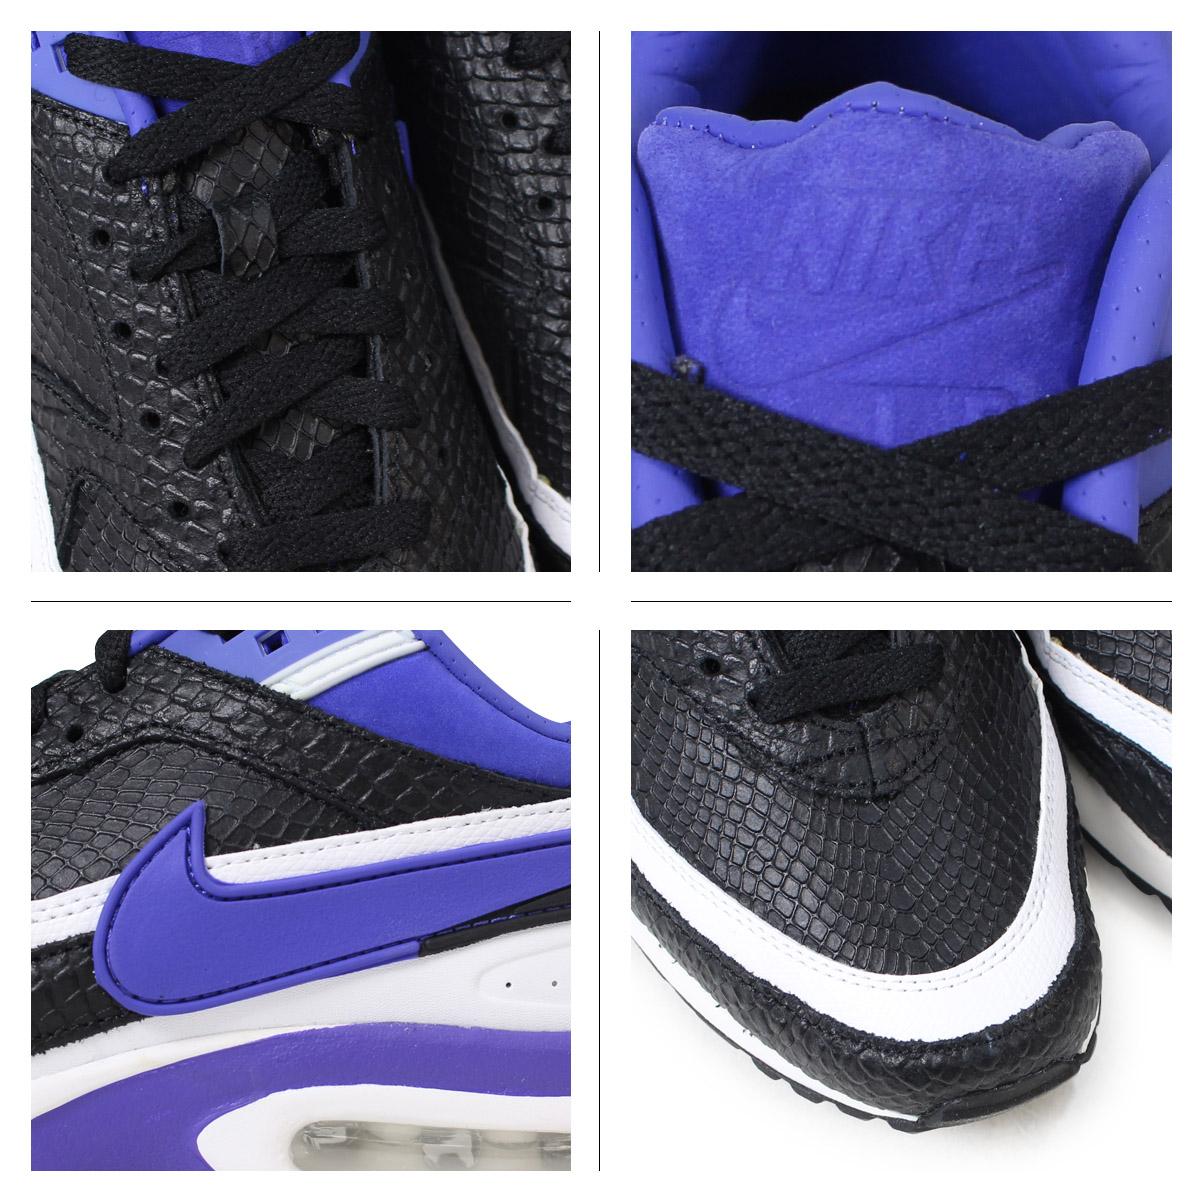 NIKE Kie Ney AMAX men gap Dis sneakers AIR MAX BW PREMIUM 819,523 051 shoes black [172]